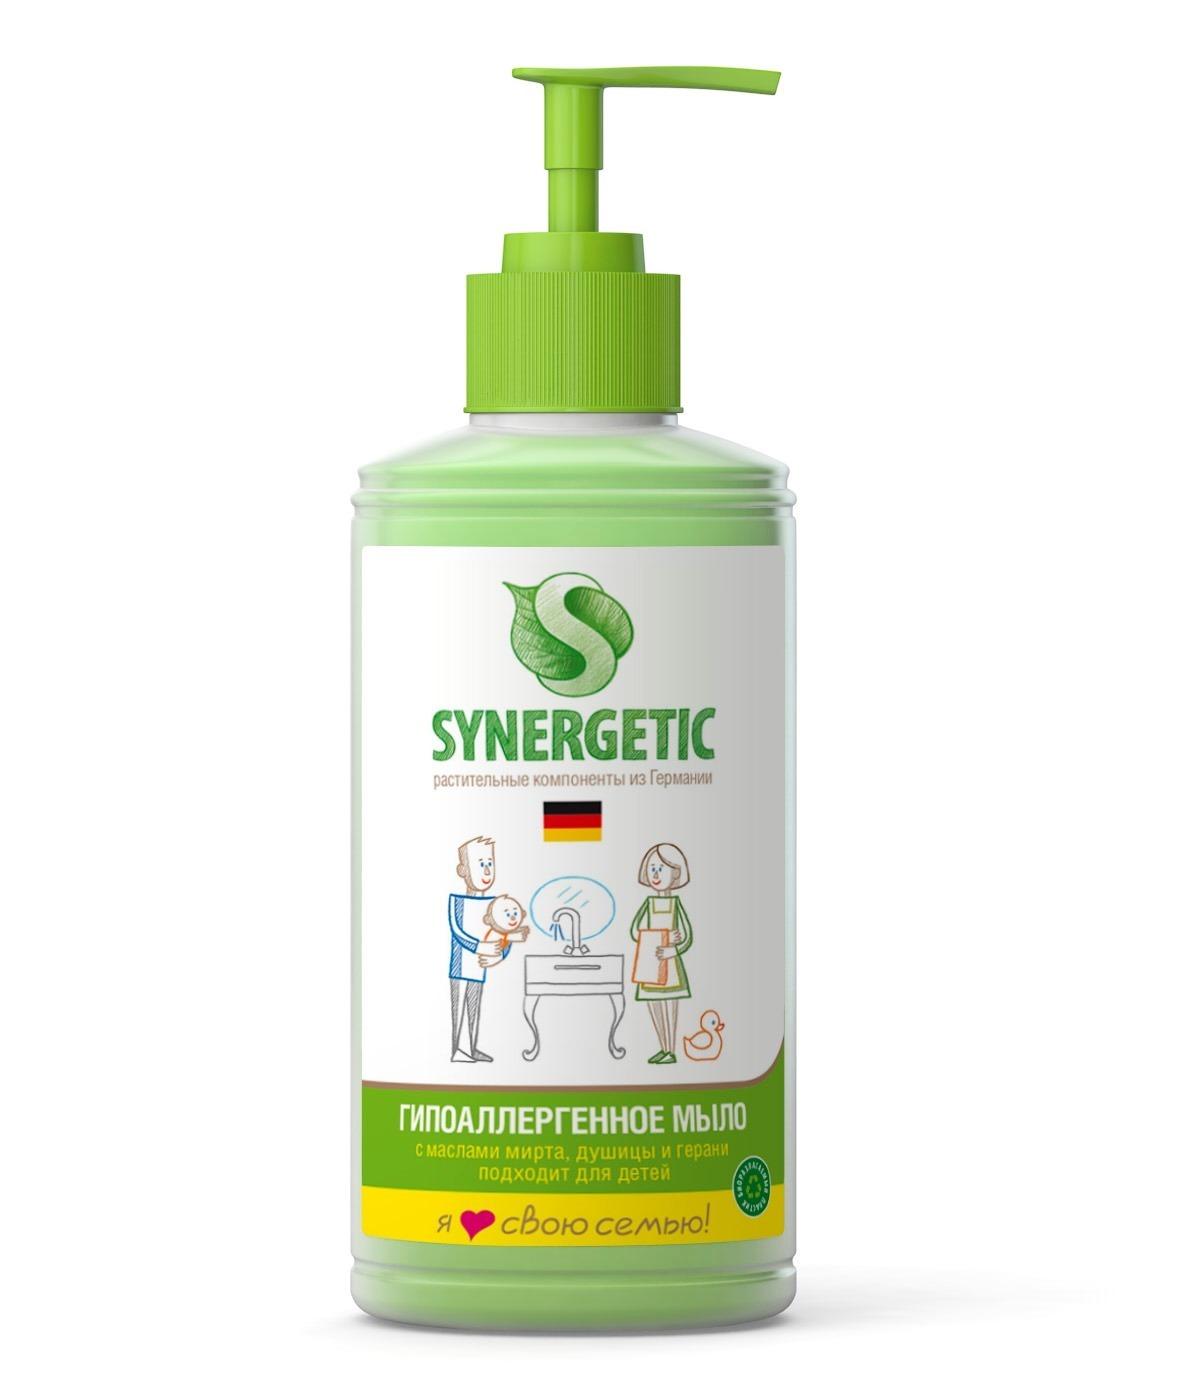 Жидкое мыло, SYNERGETIC, травы, 250 мл.